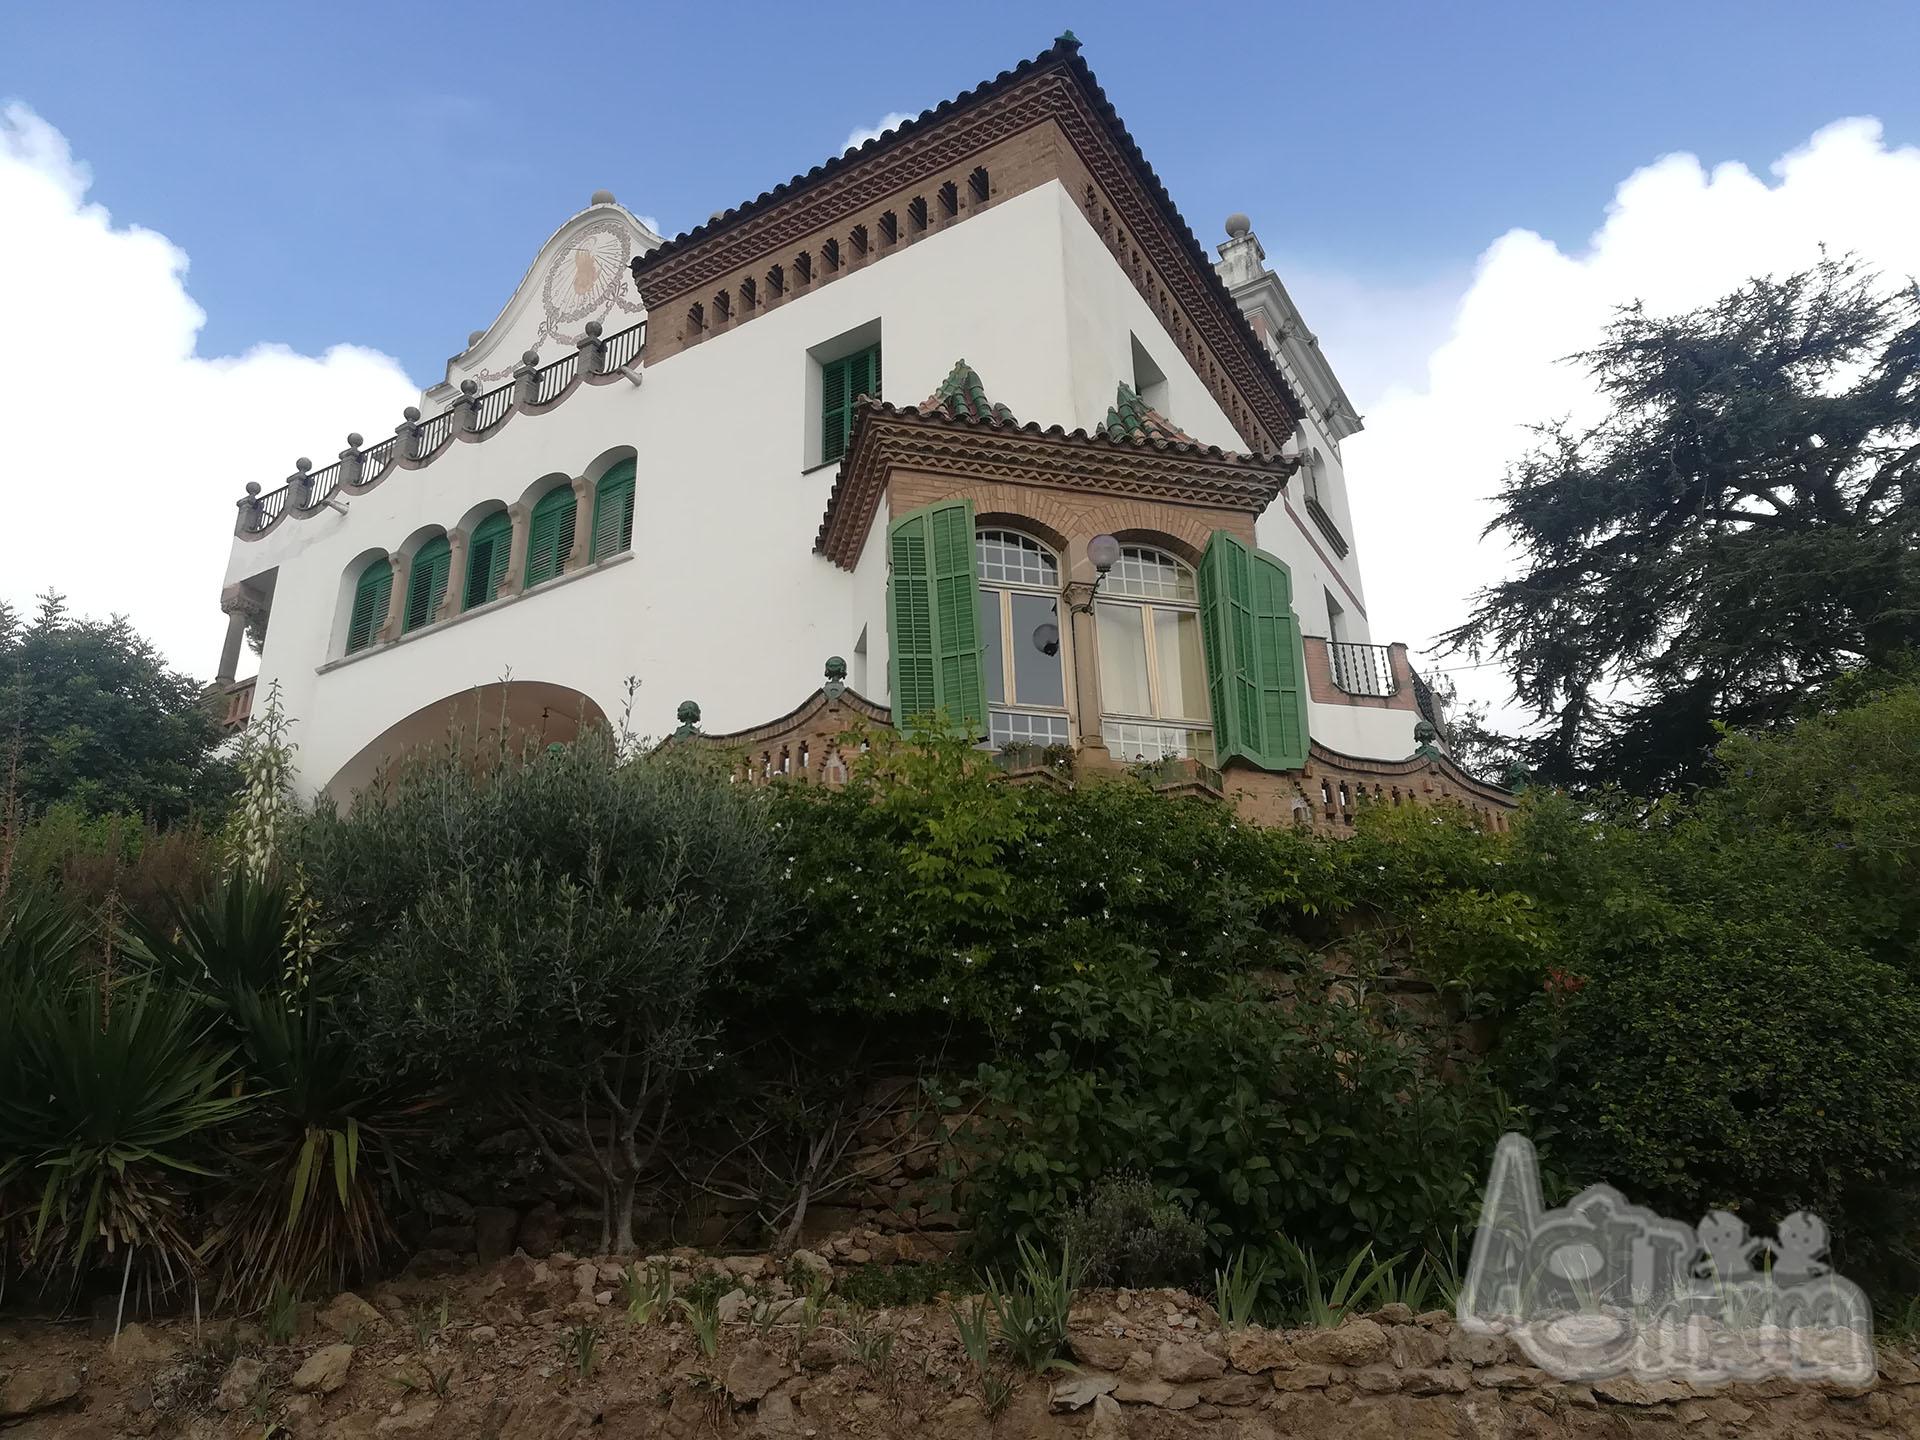 przerwa od macierzyństwa park guell gaudi museum